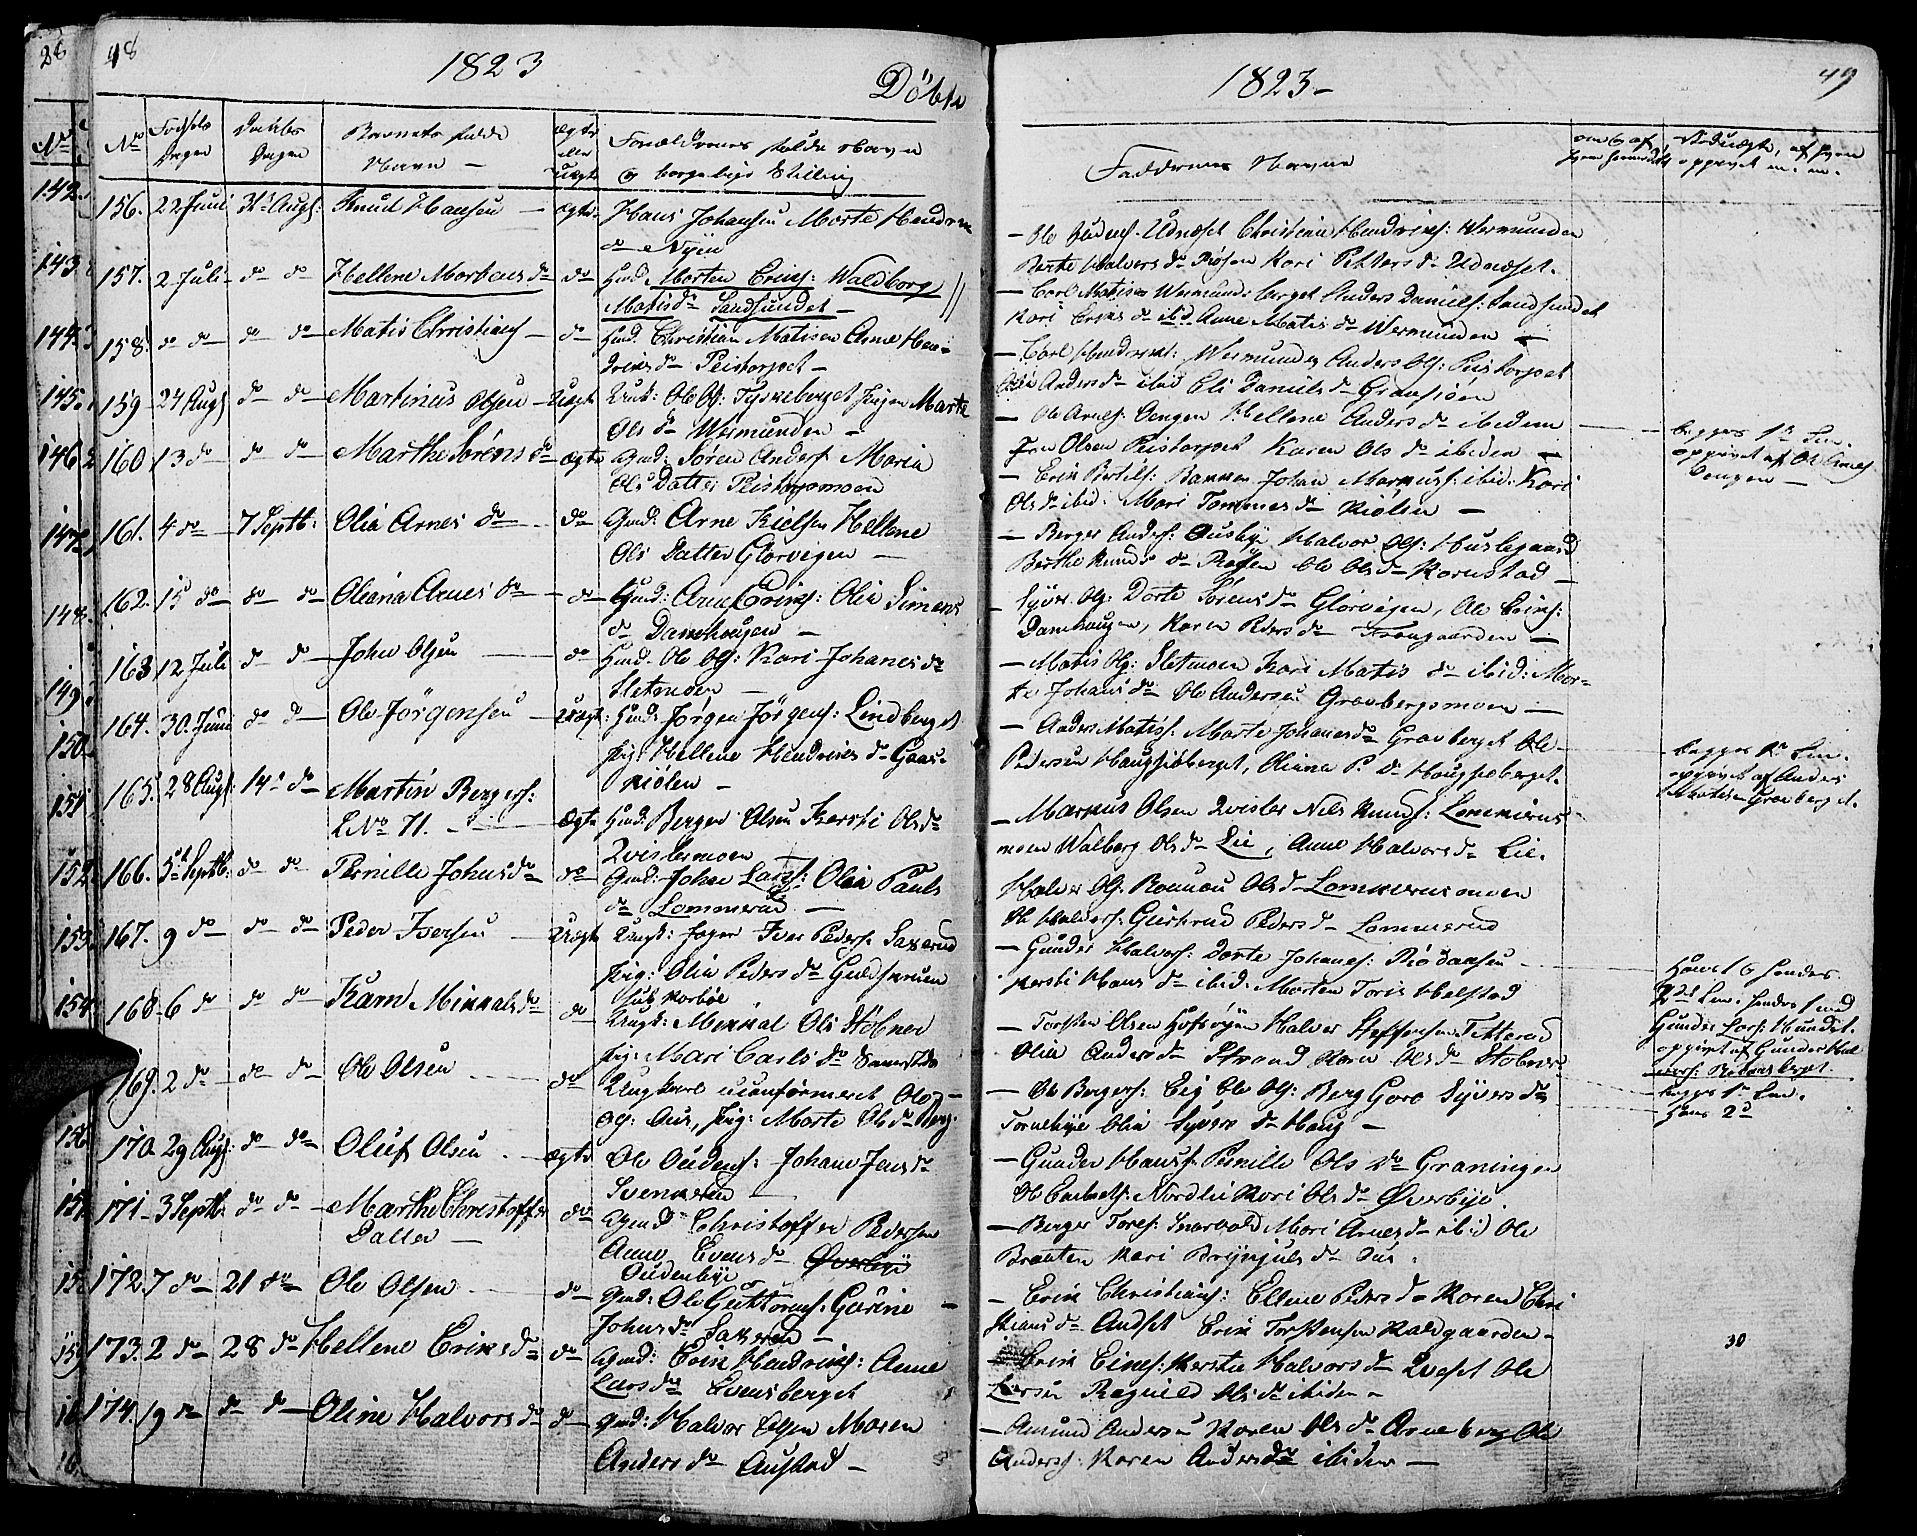 SAH, Hof prestekontor, Ministerialbok nr. 6, 1822-1841, s. 48-49